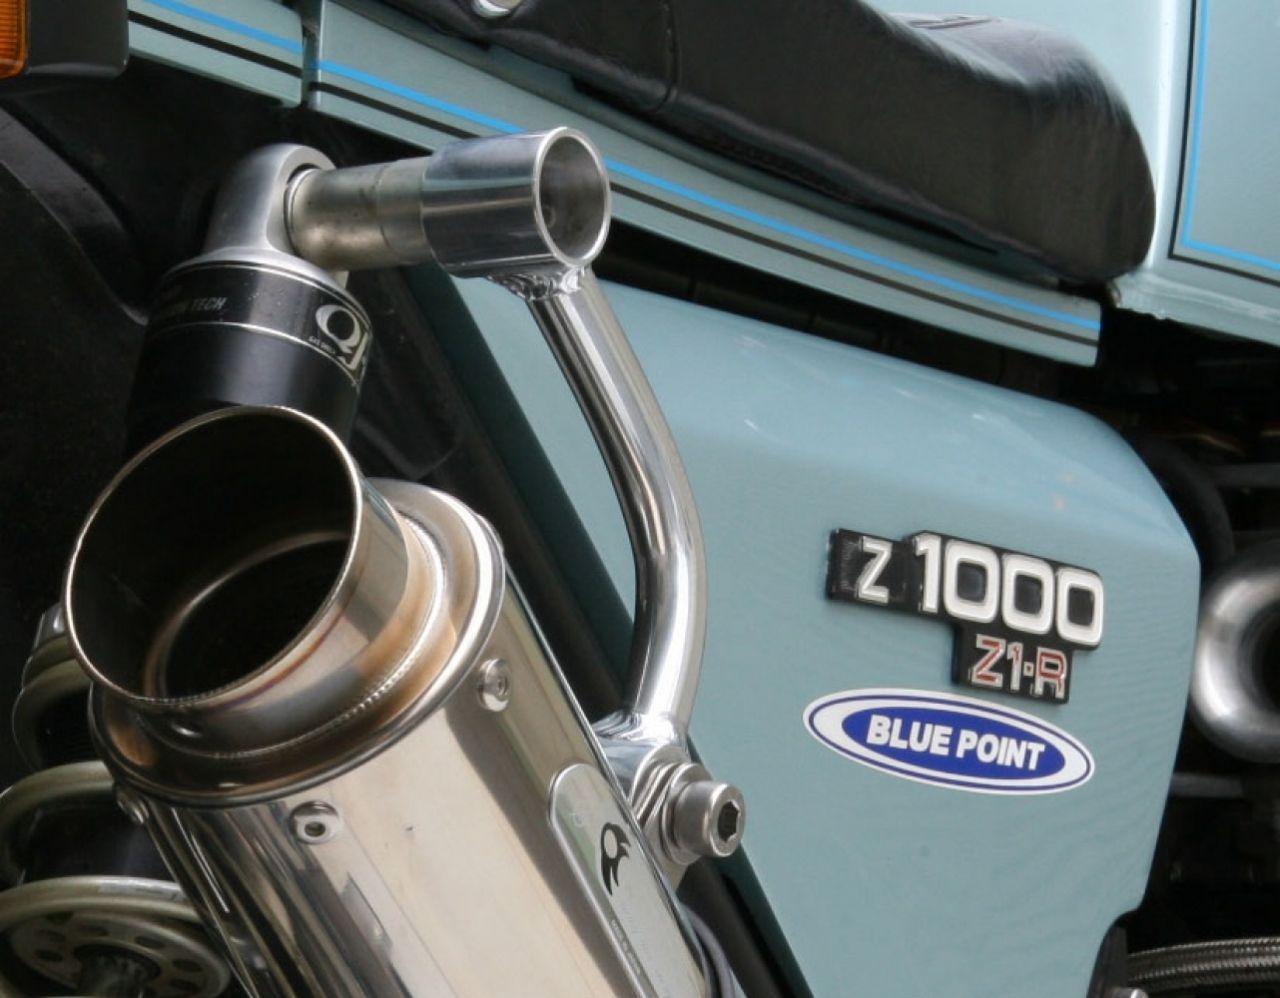 【K-FACTORY】CLR 排氣管用 鋁合金排氣管支架 - 「Webike-摩托百貨」